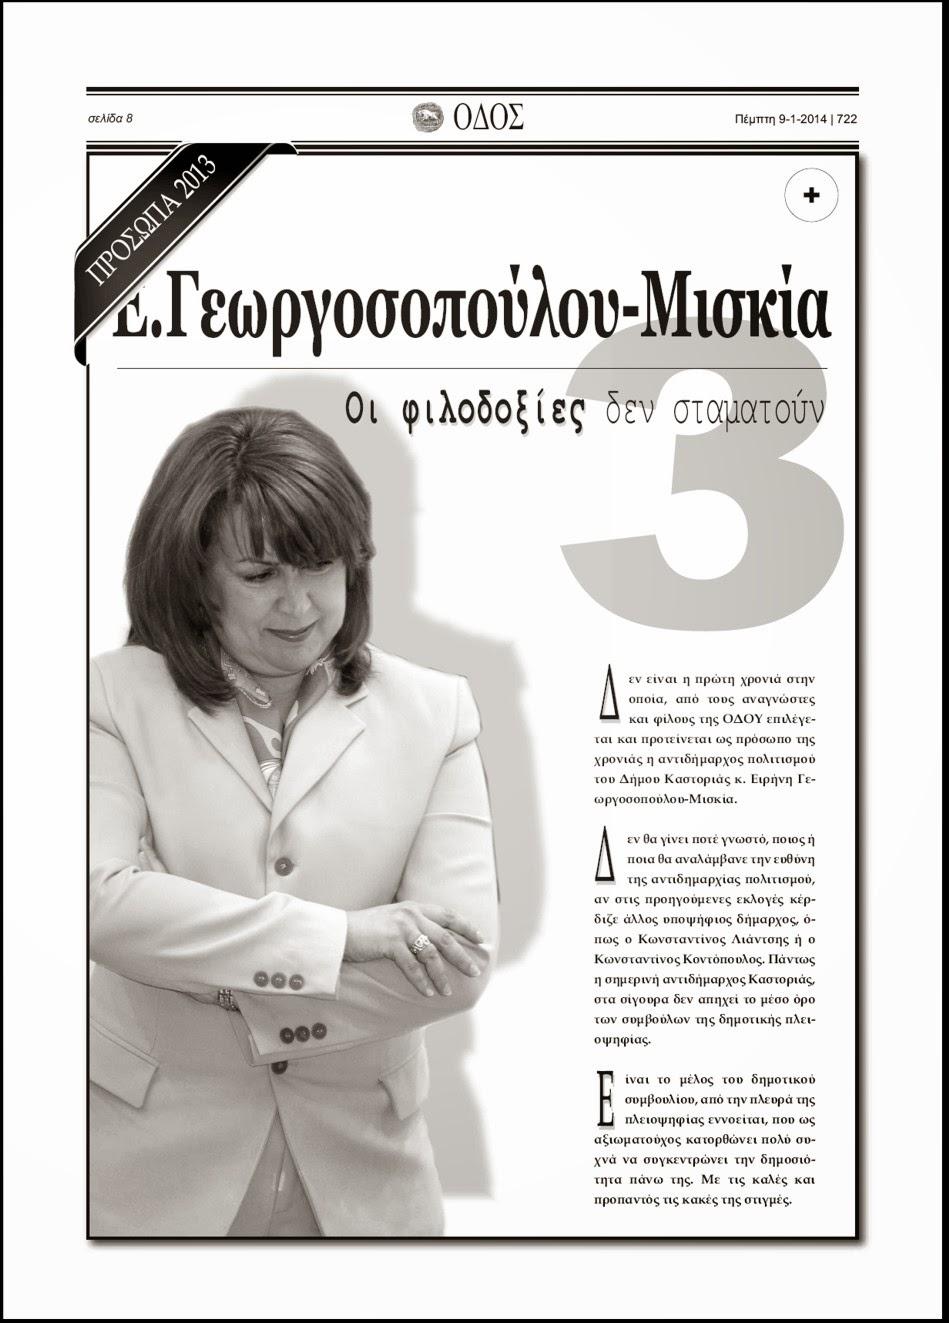 Ε.Γεωργοσοπούλου-Μισκία